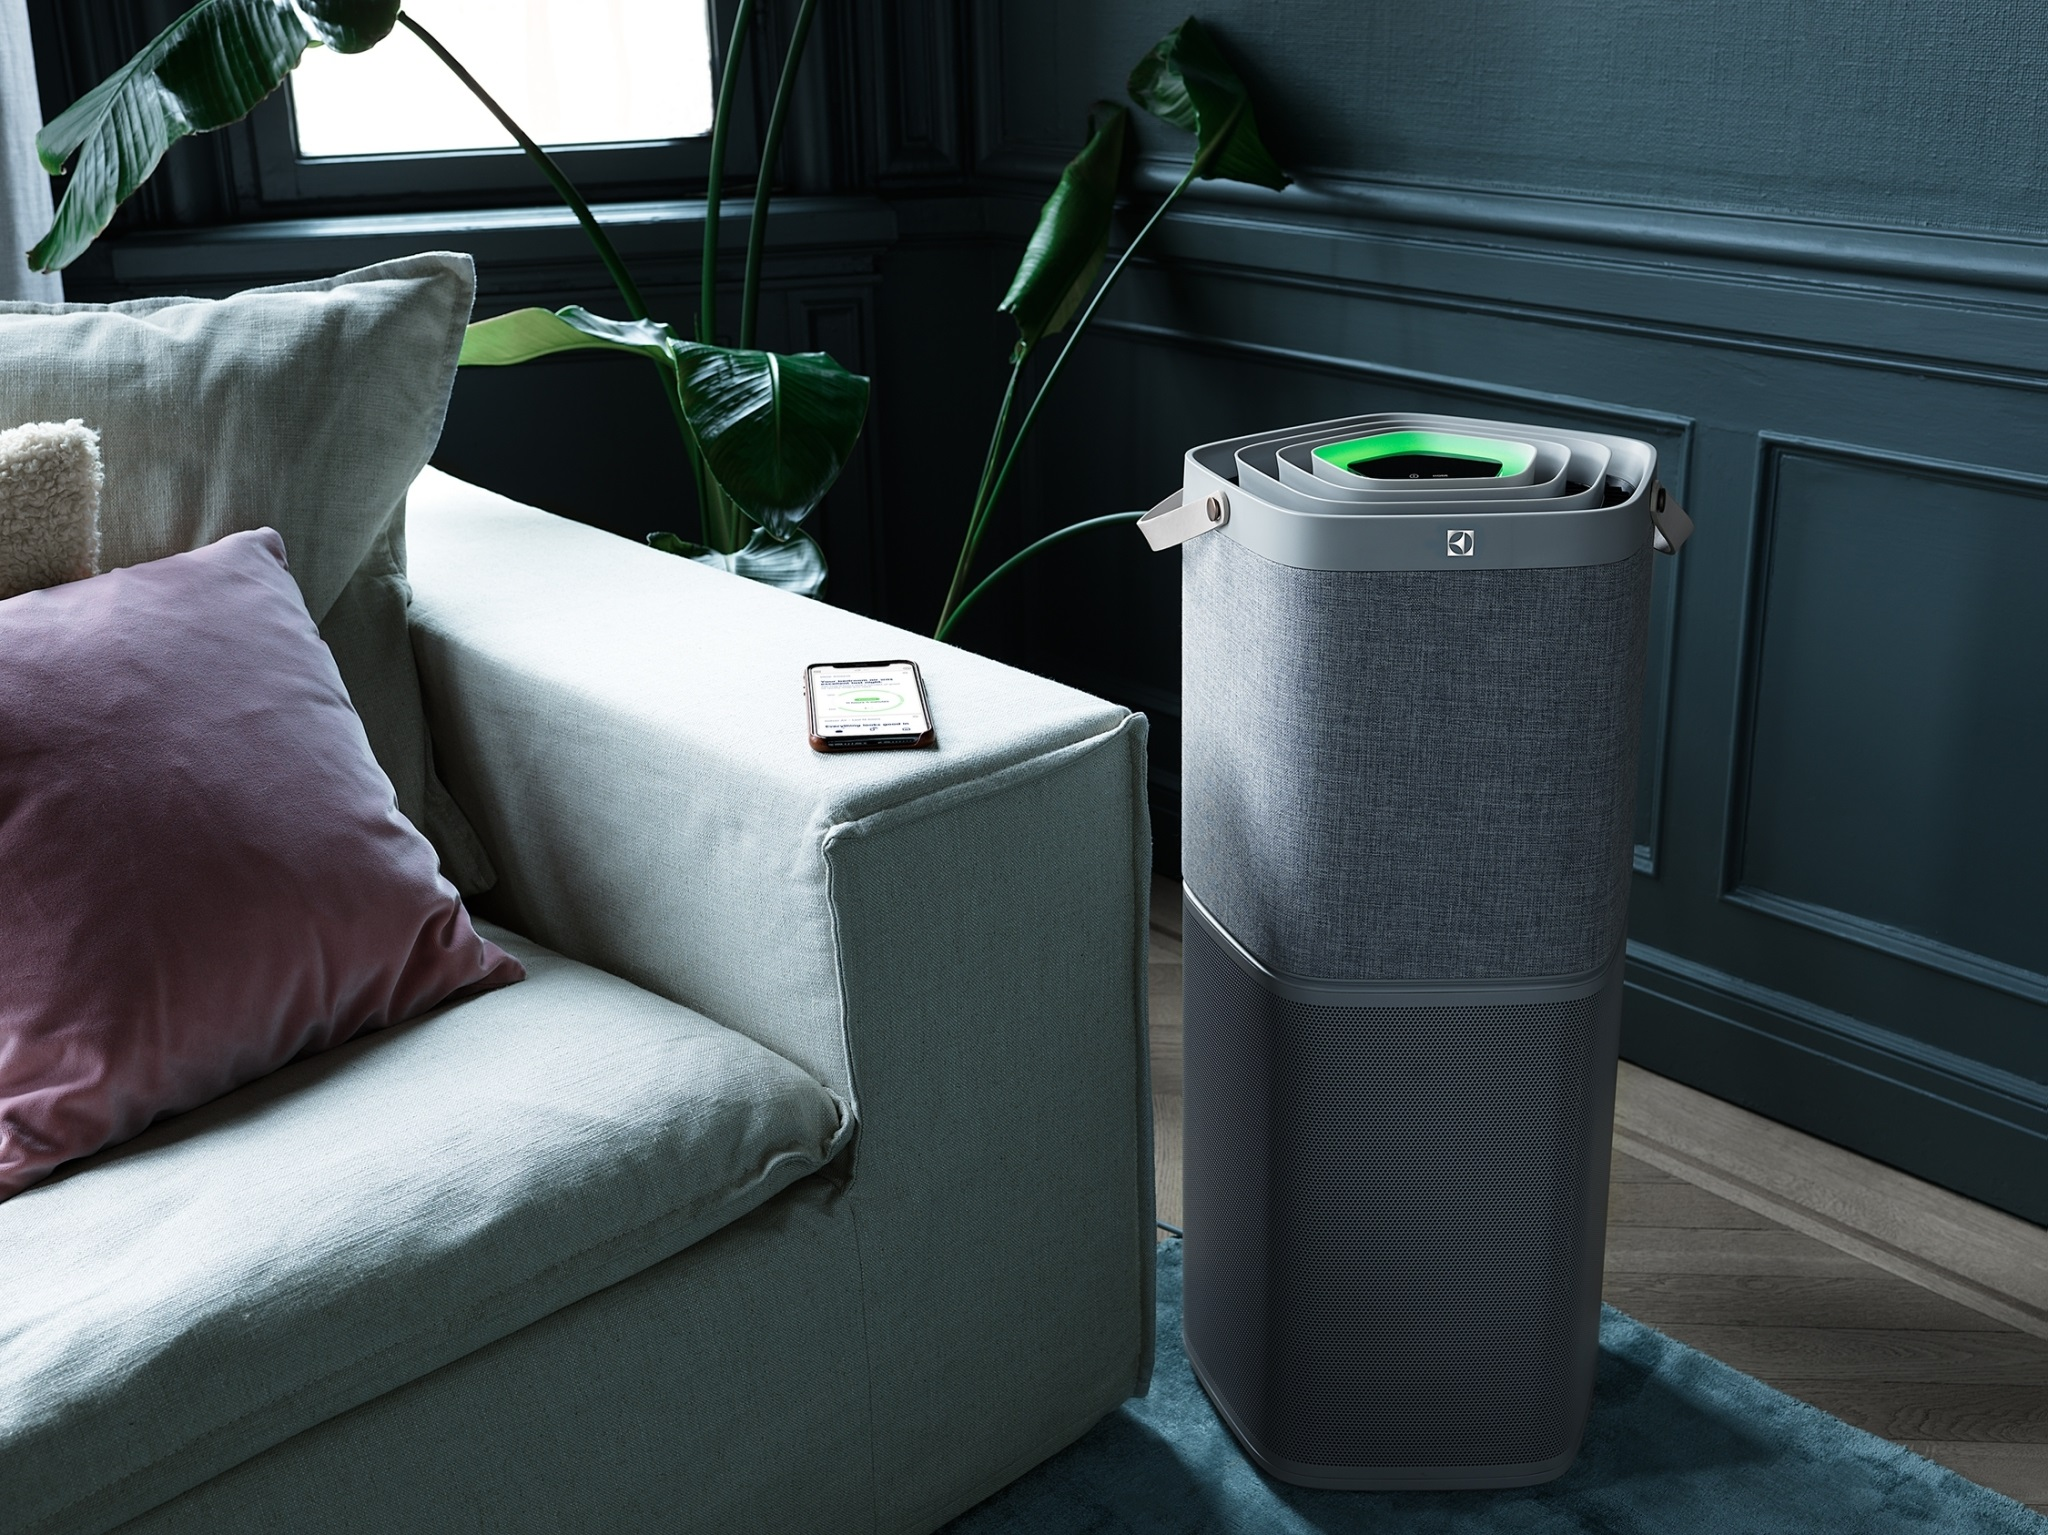 伊萊克斯PURE A9高效能抗菌空氣清淨機新上市!改善過敏不適,除菌力高達99.99%